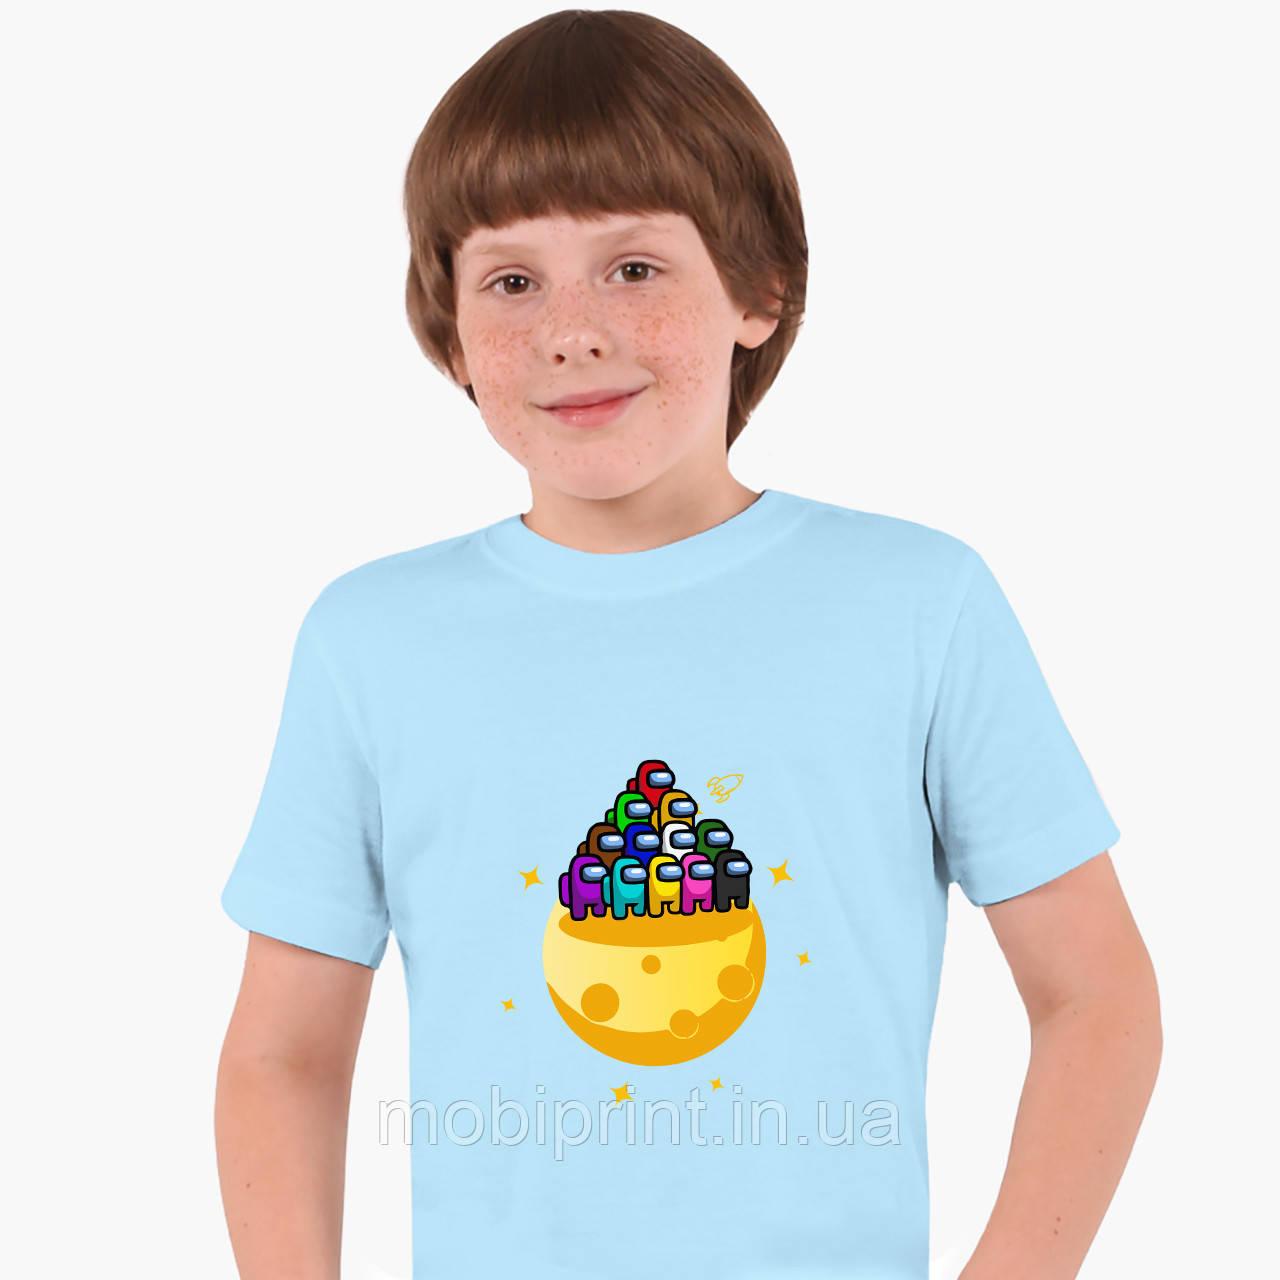 Дитяча футболка для хлопчиків Амонг Ас (Among Us) (25186-2584) Блакитний